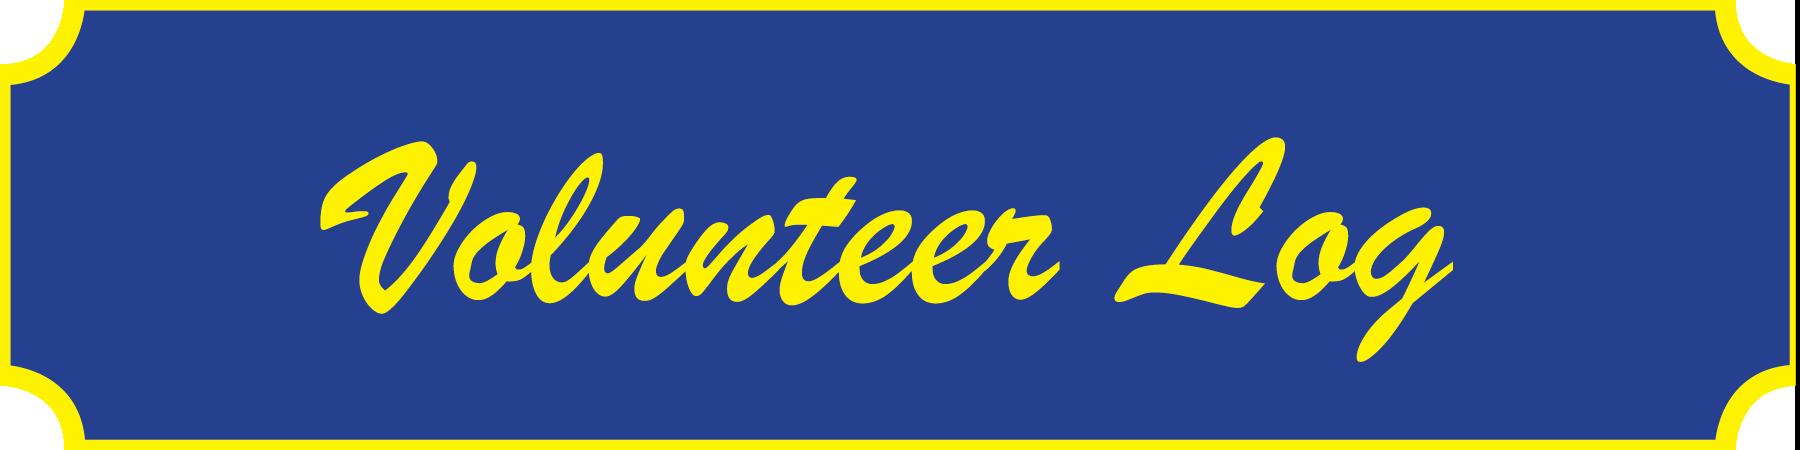 volunteer log